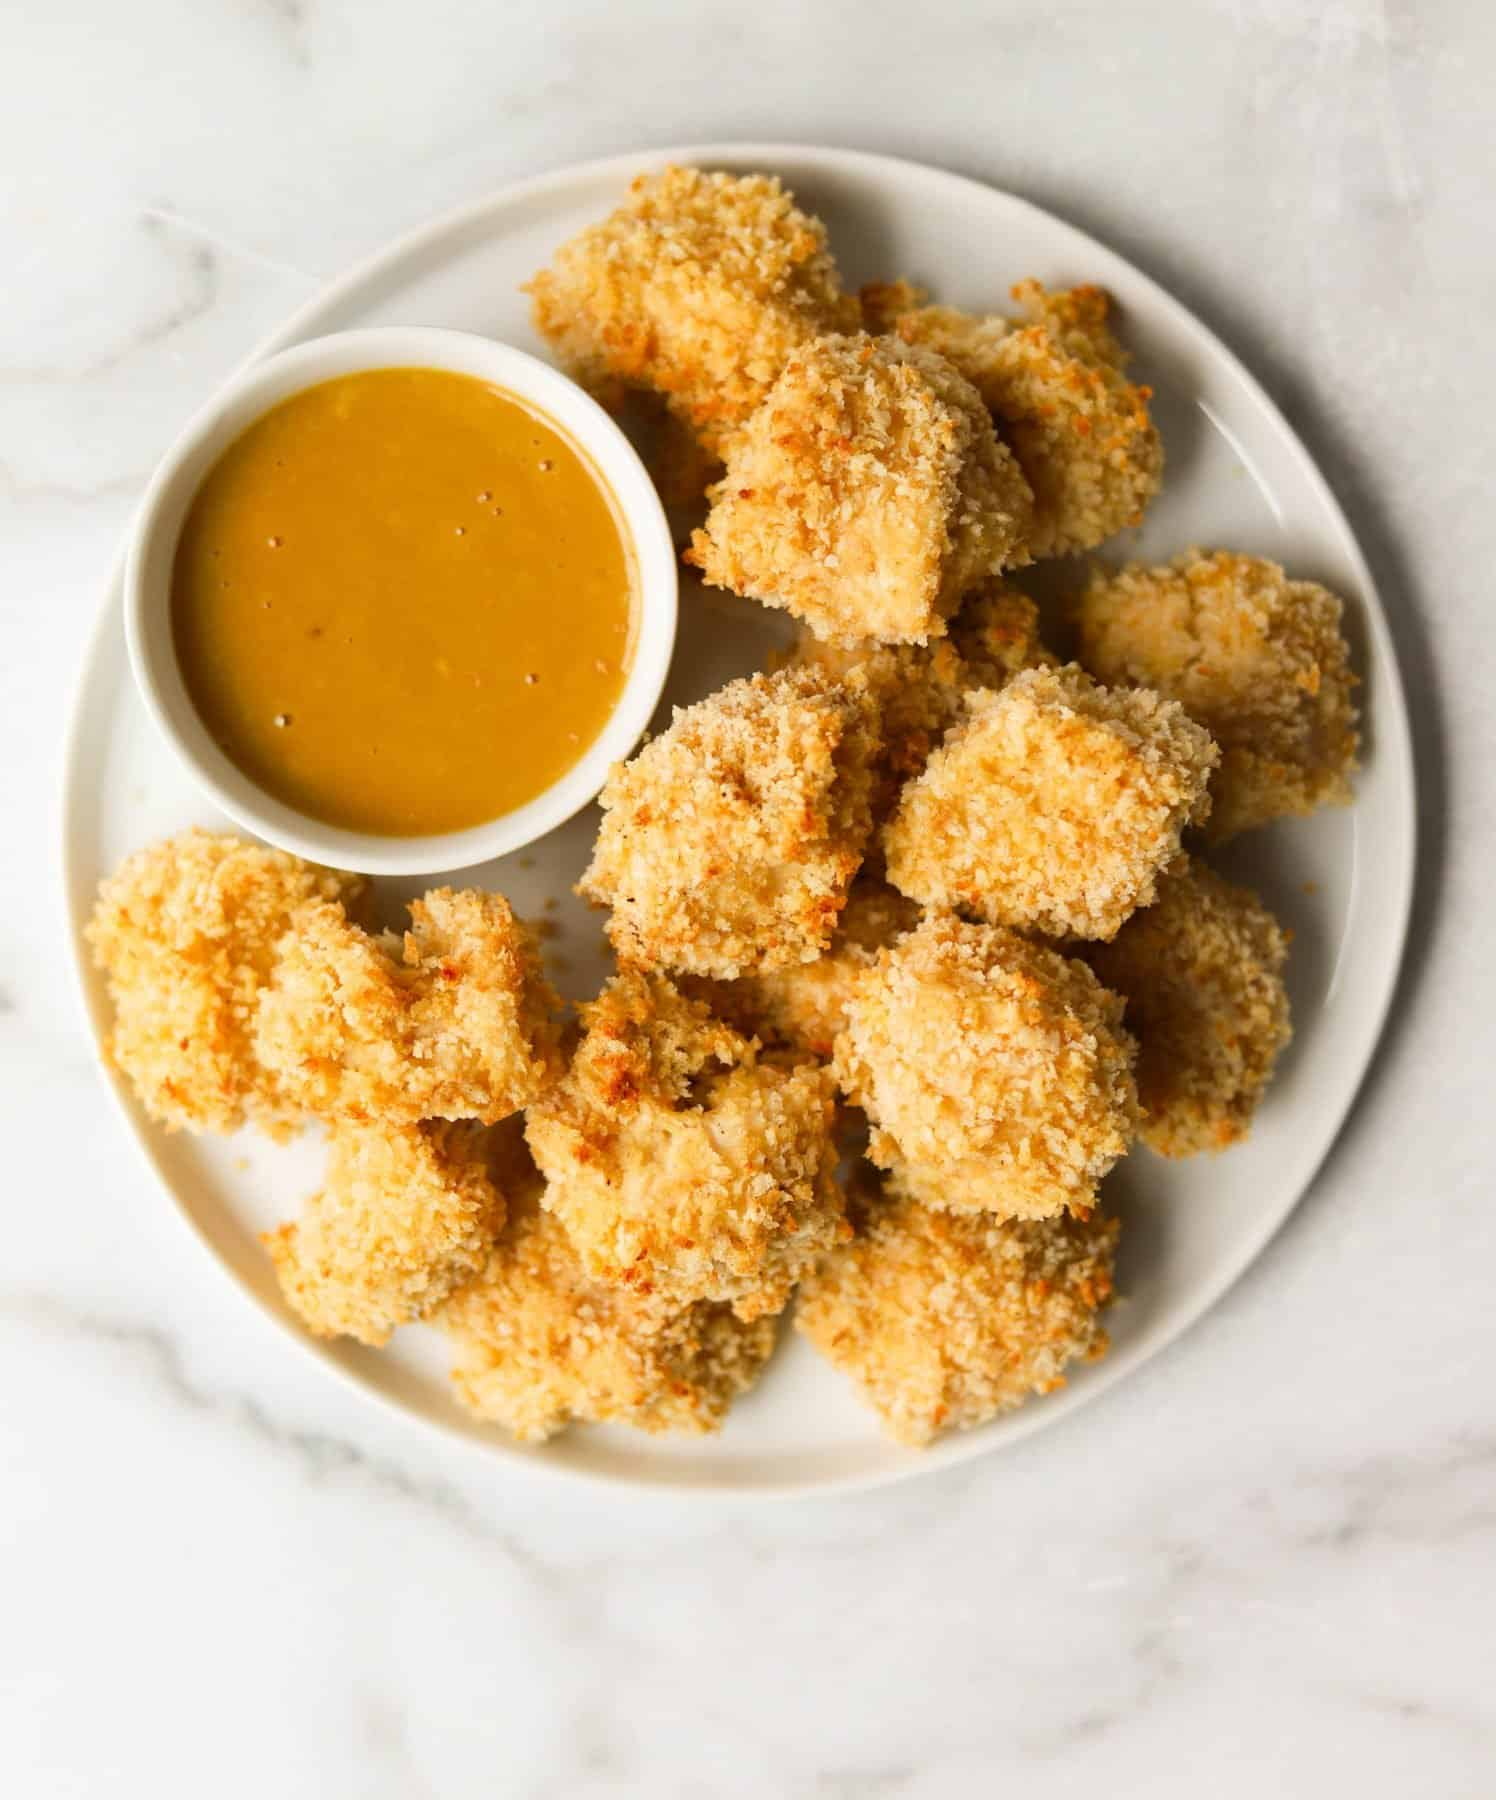 Chicken nuggets as a healthy back-to-school recipe idea